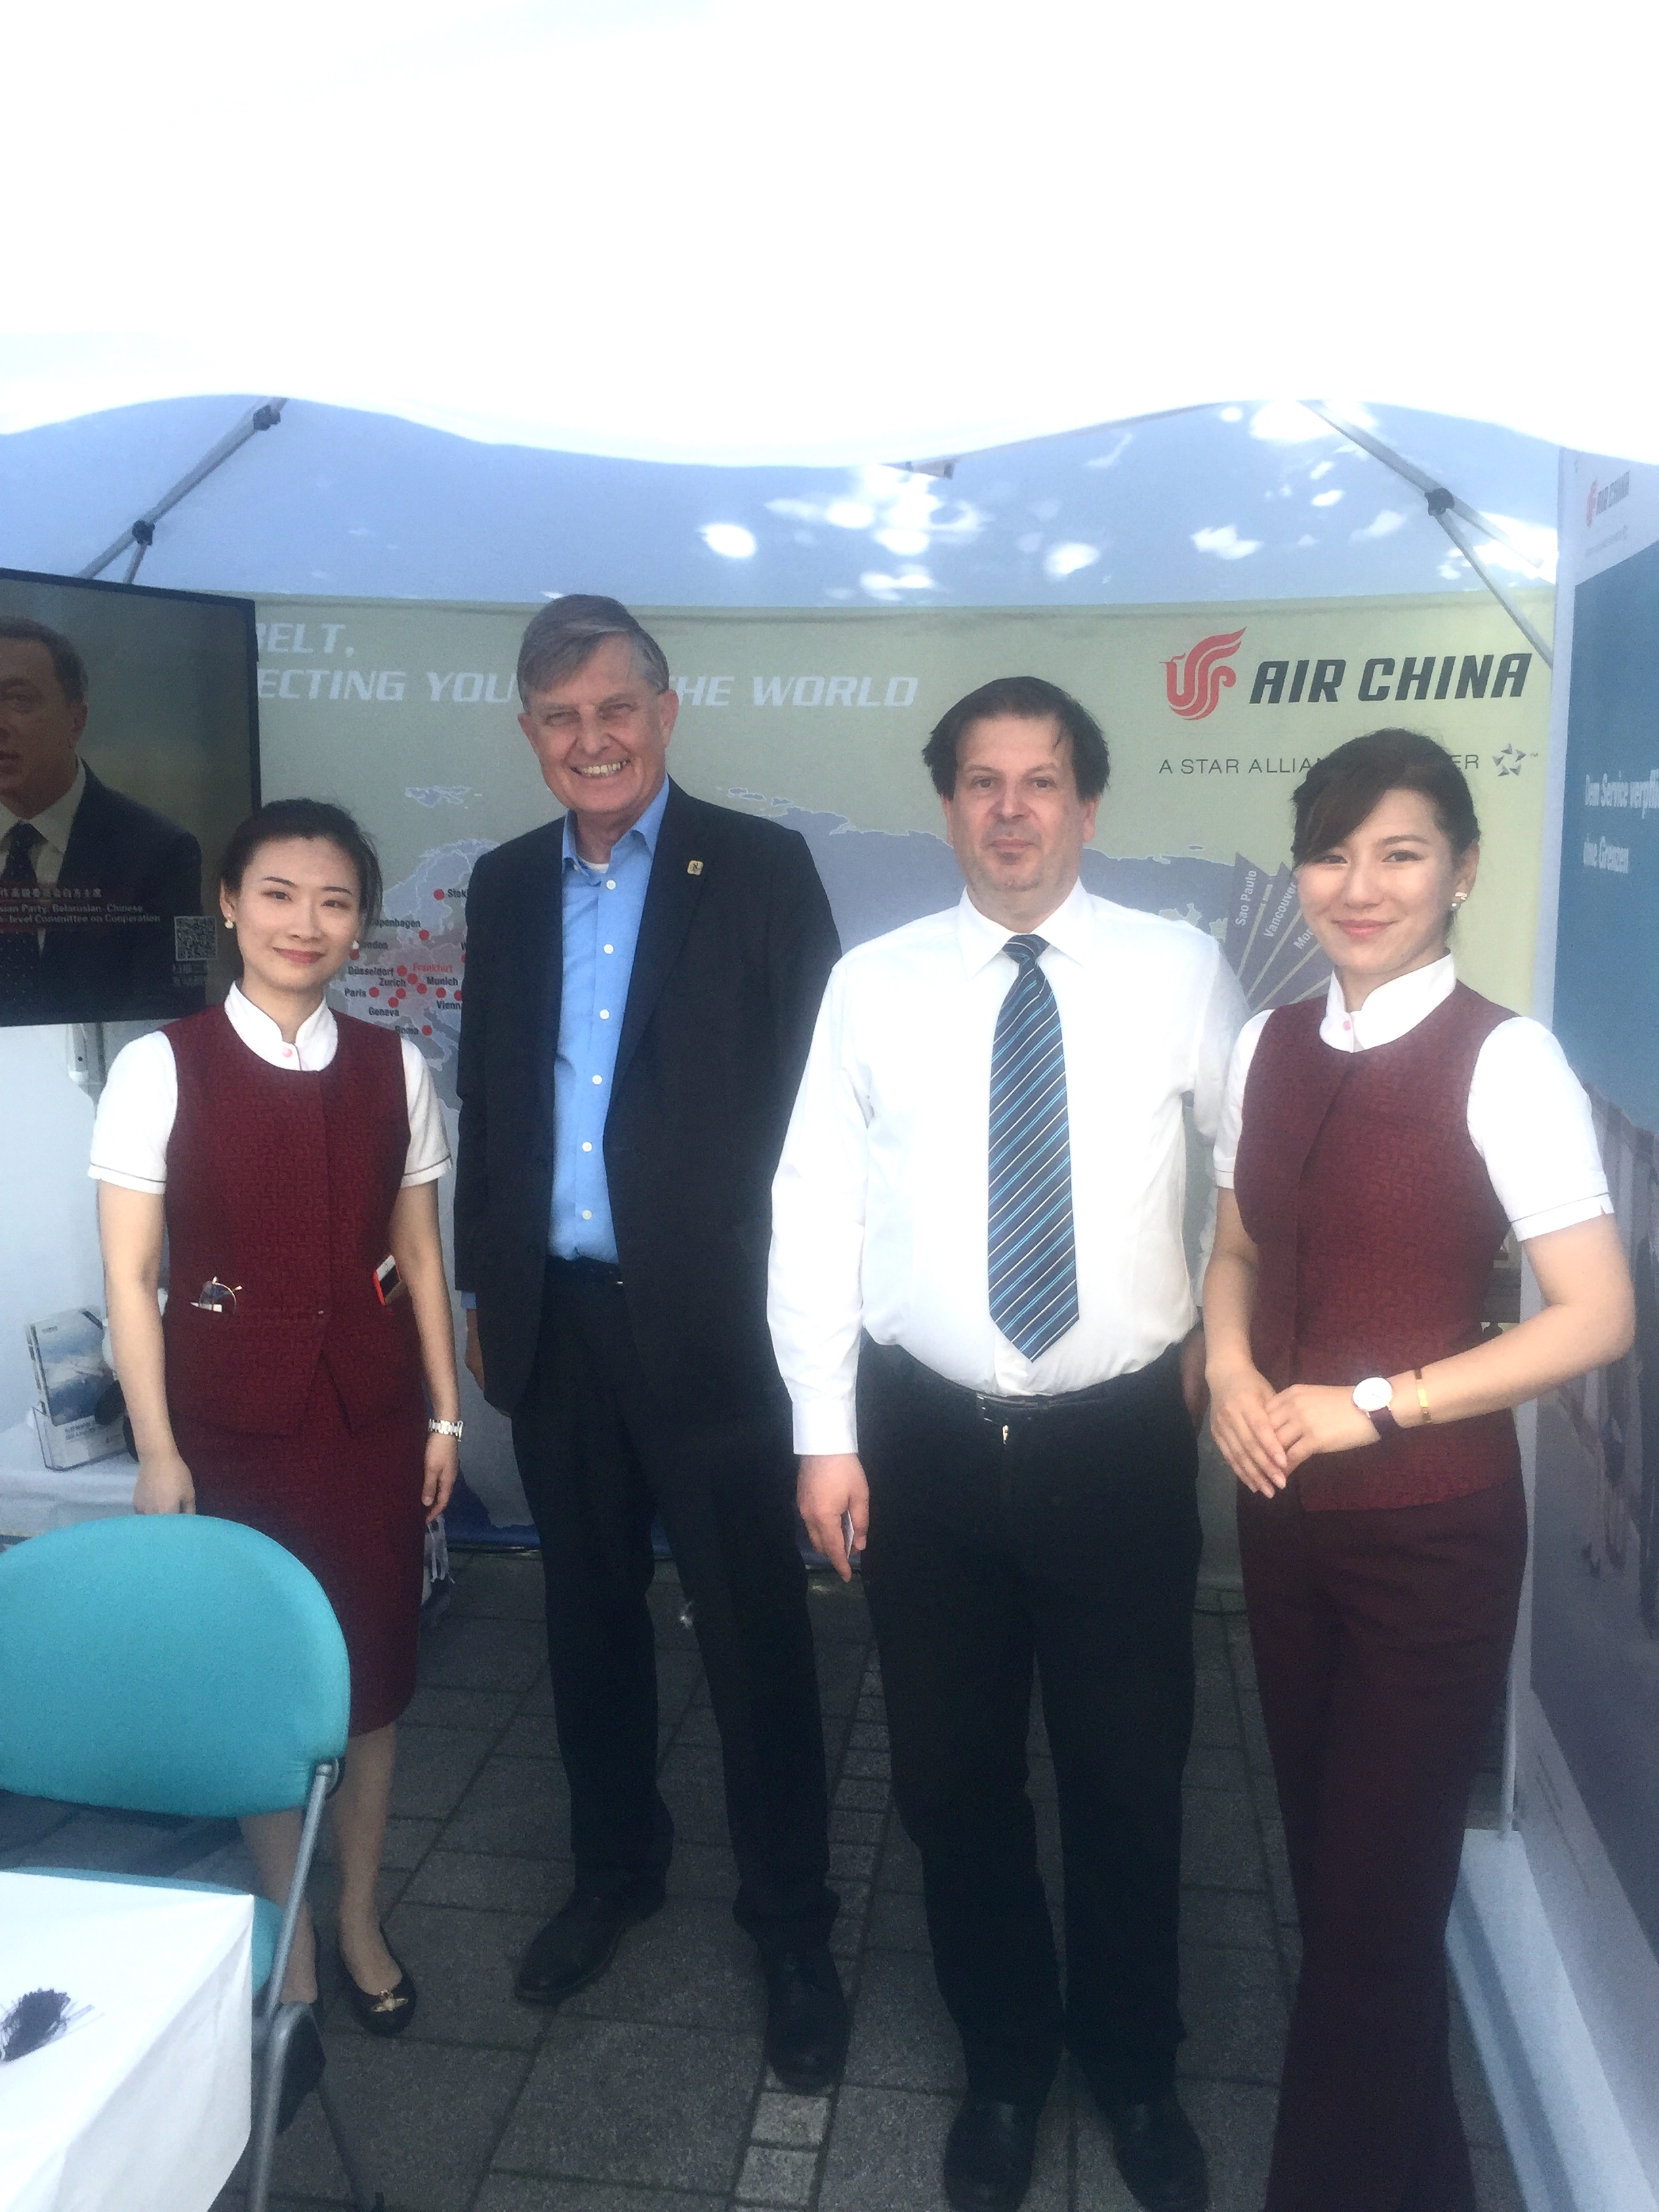 Auf großes Publikumsinteresse stieß u.a. der Pavillon von Air China, v.l.n.r. WANG Jiaqi, ein Besucher, Heiko Doeringer und TIAN Miaomiao